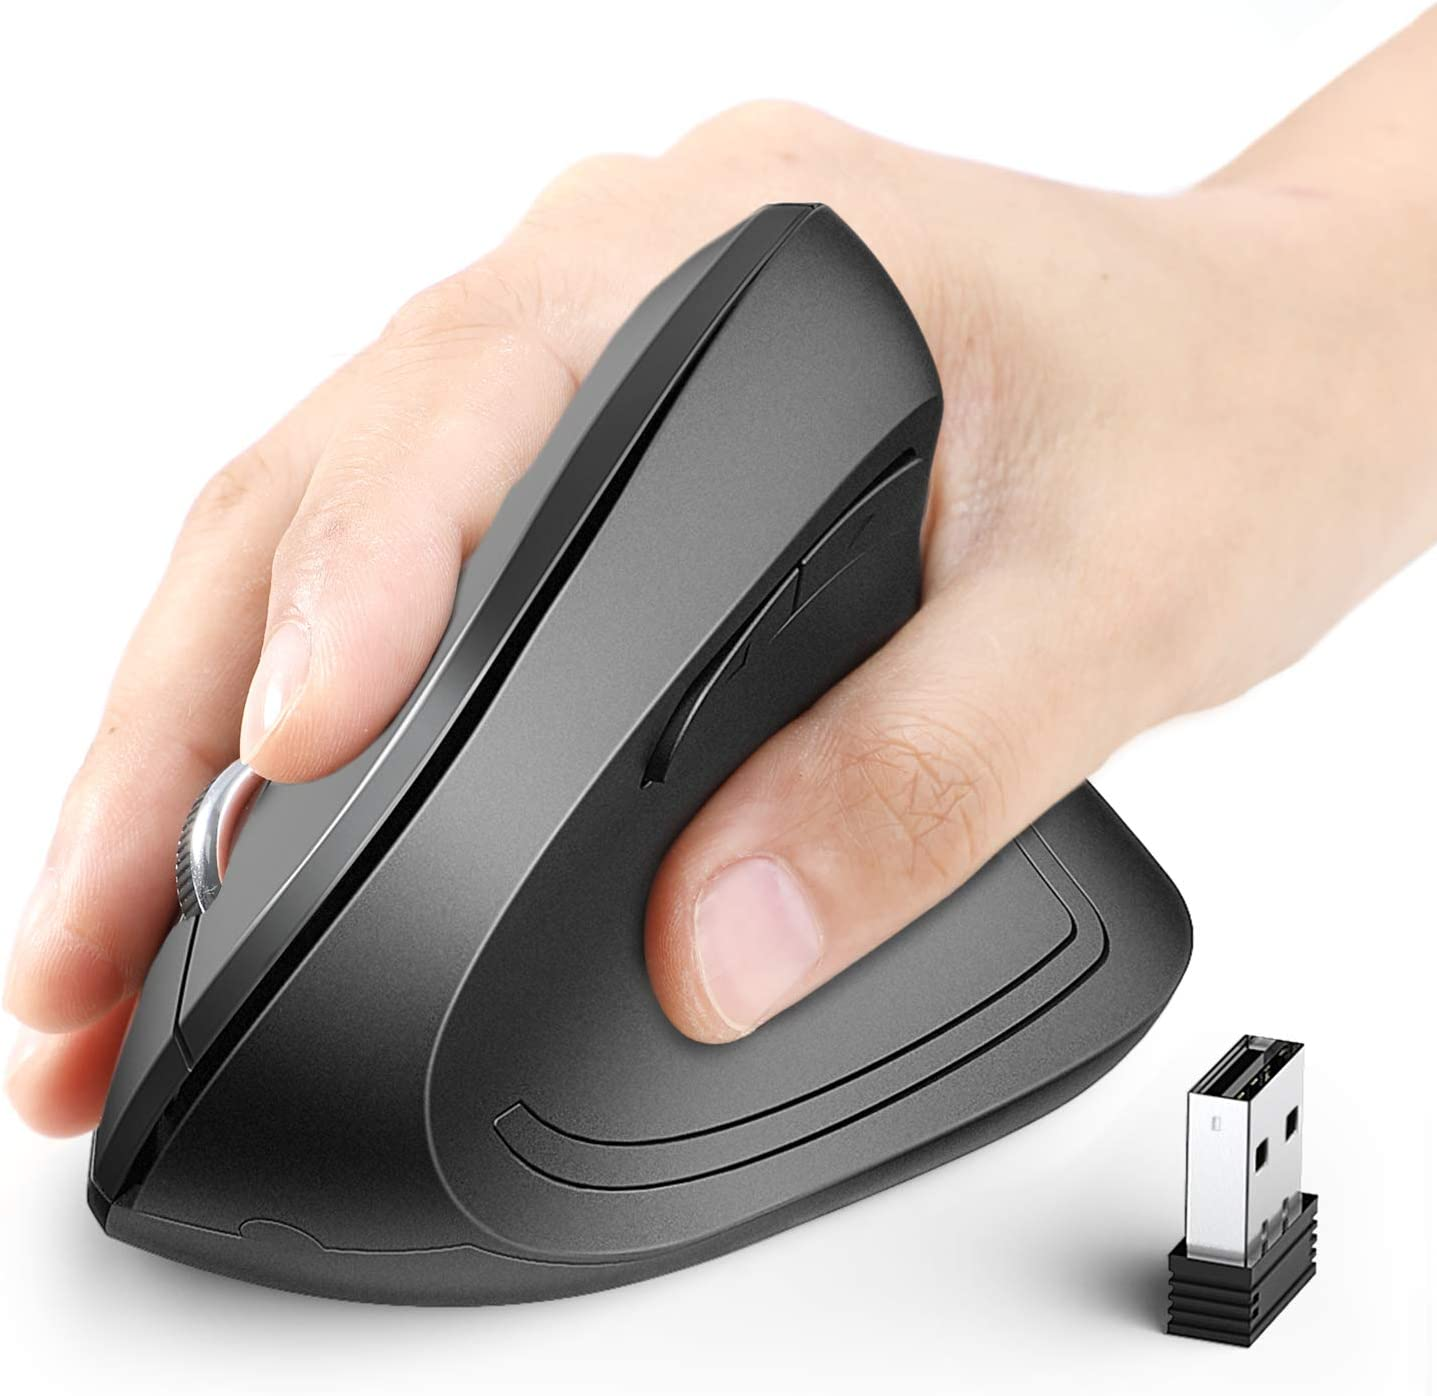 iClever Souris Ergonomique Verticale USB sans Fil 2.4G avec 4 Niveaux DPI Ajustables 1000//1600 2000//2400 et 6 Contr/ôles Lat/éraux pour Ordinateur Portable,Ordinateur de Bureau,Mac,Windows